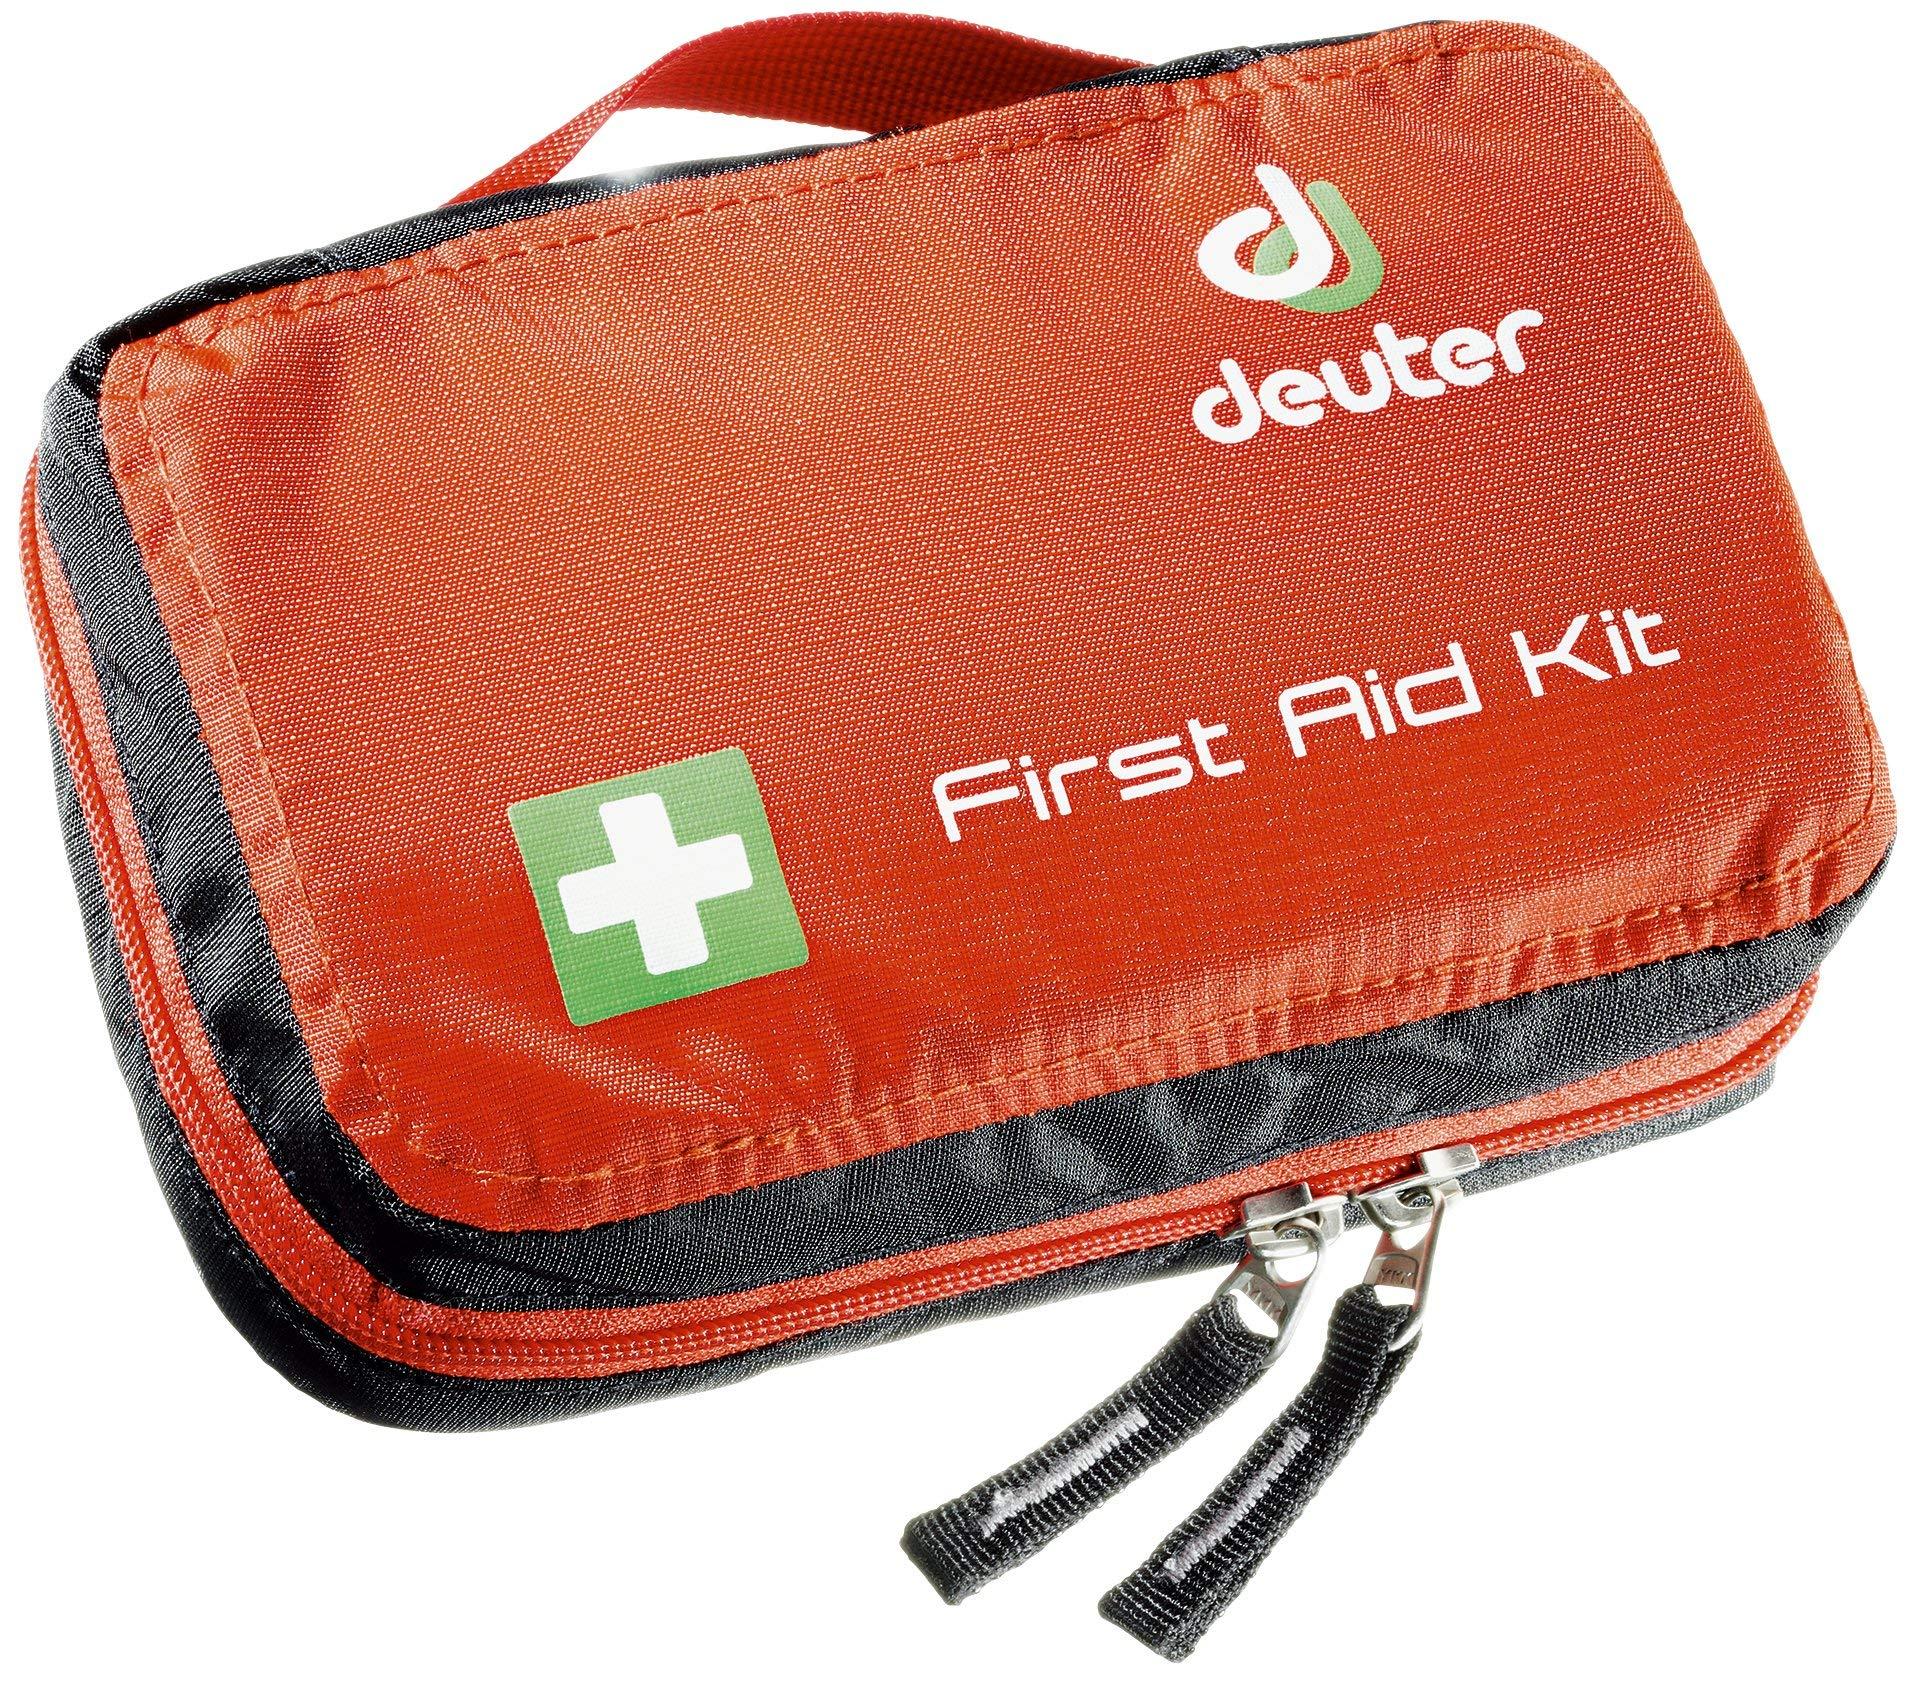 Deuter First Aid Kit 2020 Modell Erste-Hilfe-Tasche